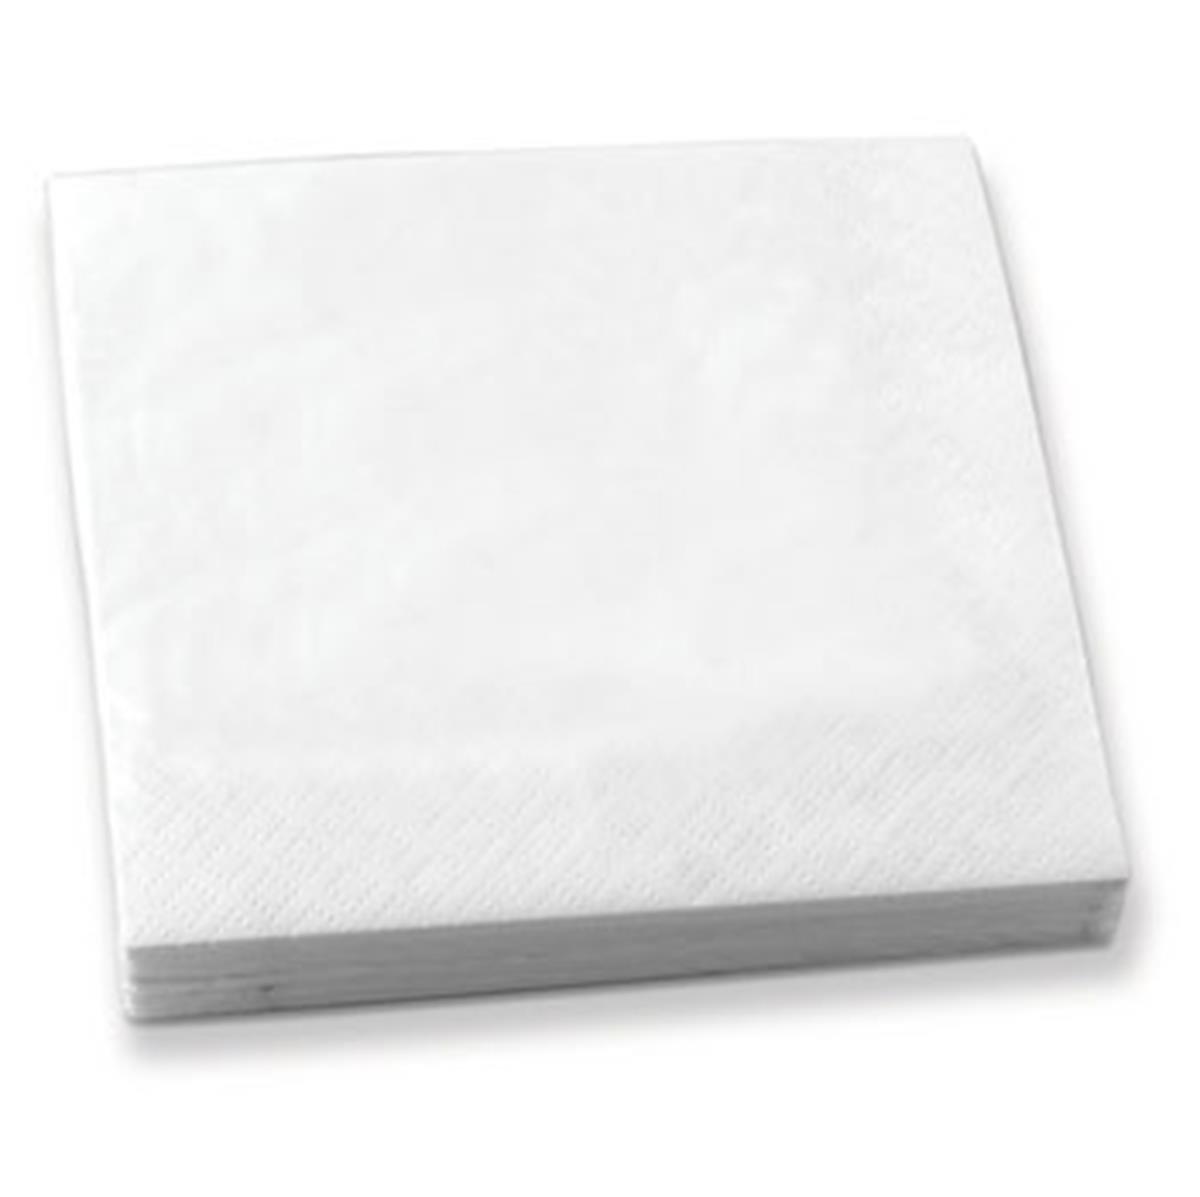 Epic 76-313 5 X 5 Set of 50 Folded White Beverage Napkin 2-Ply